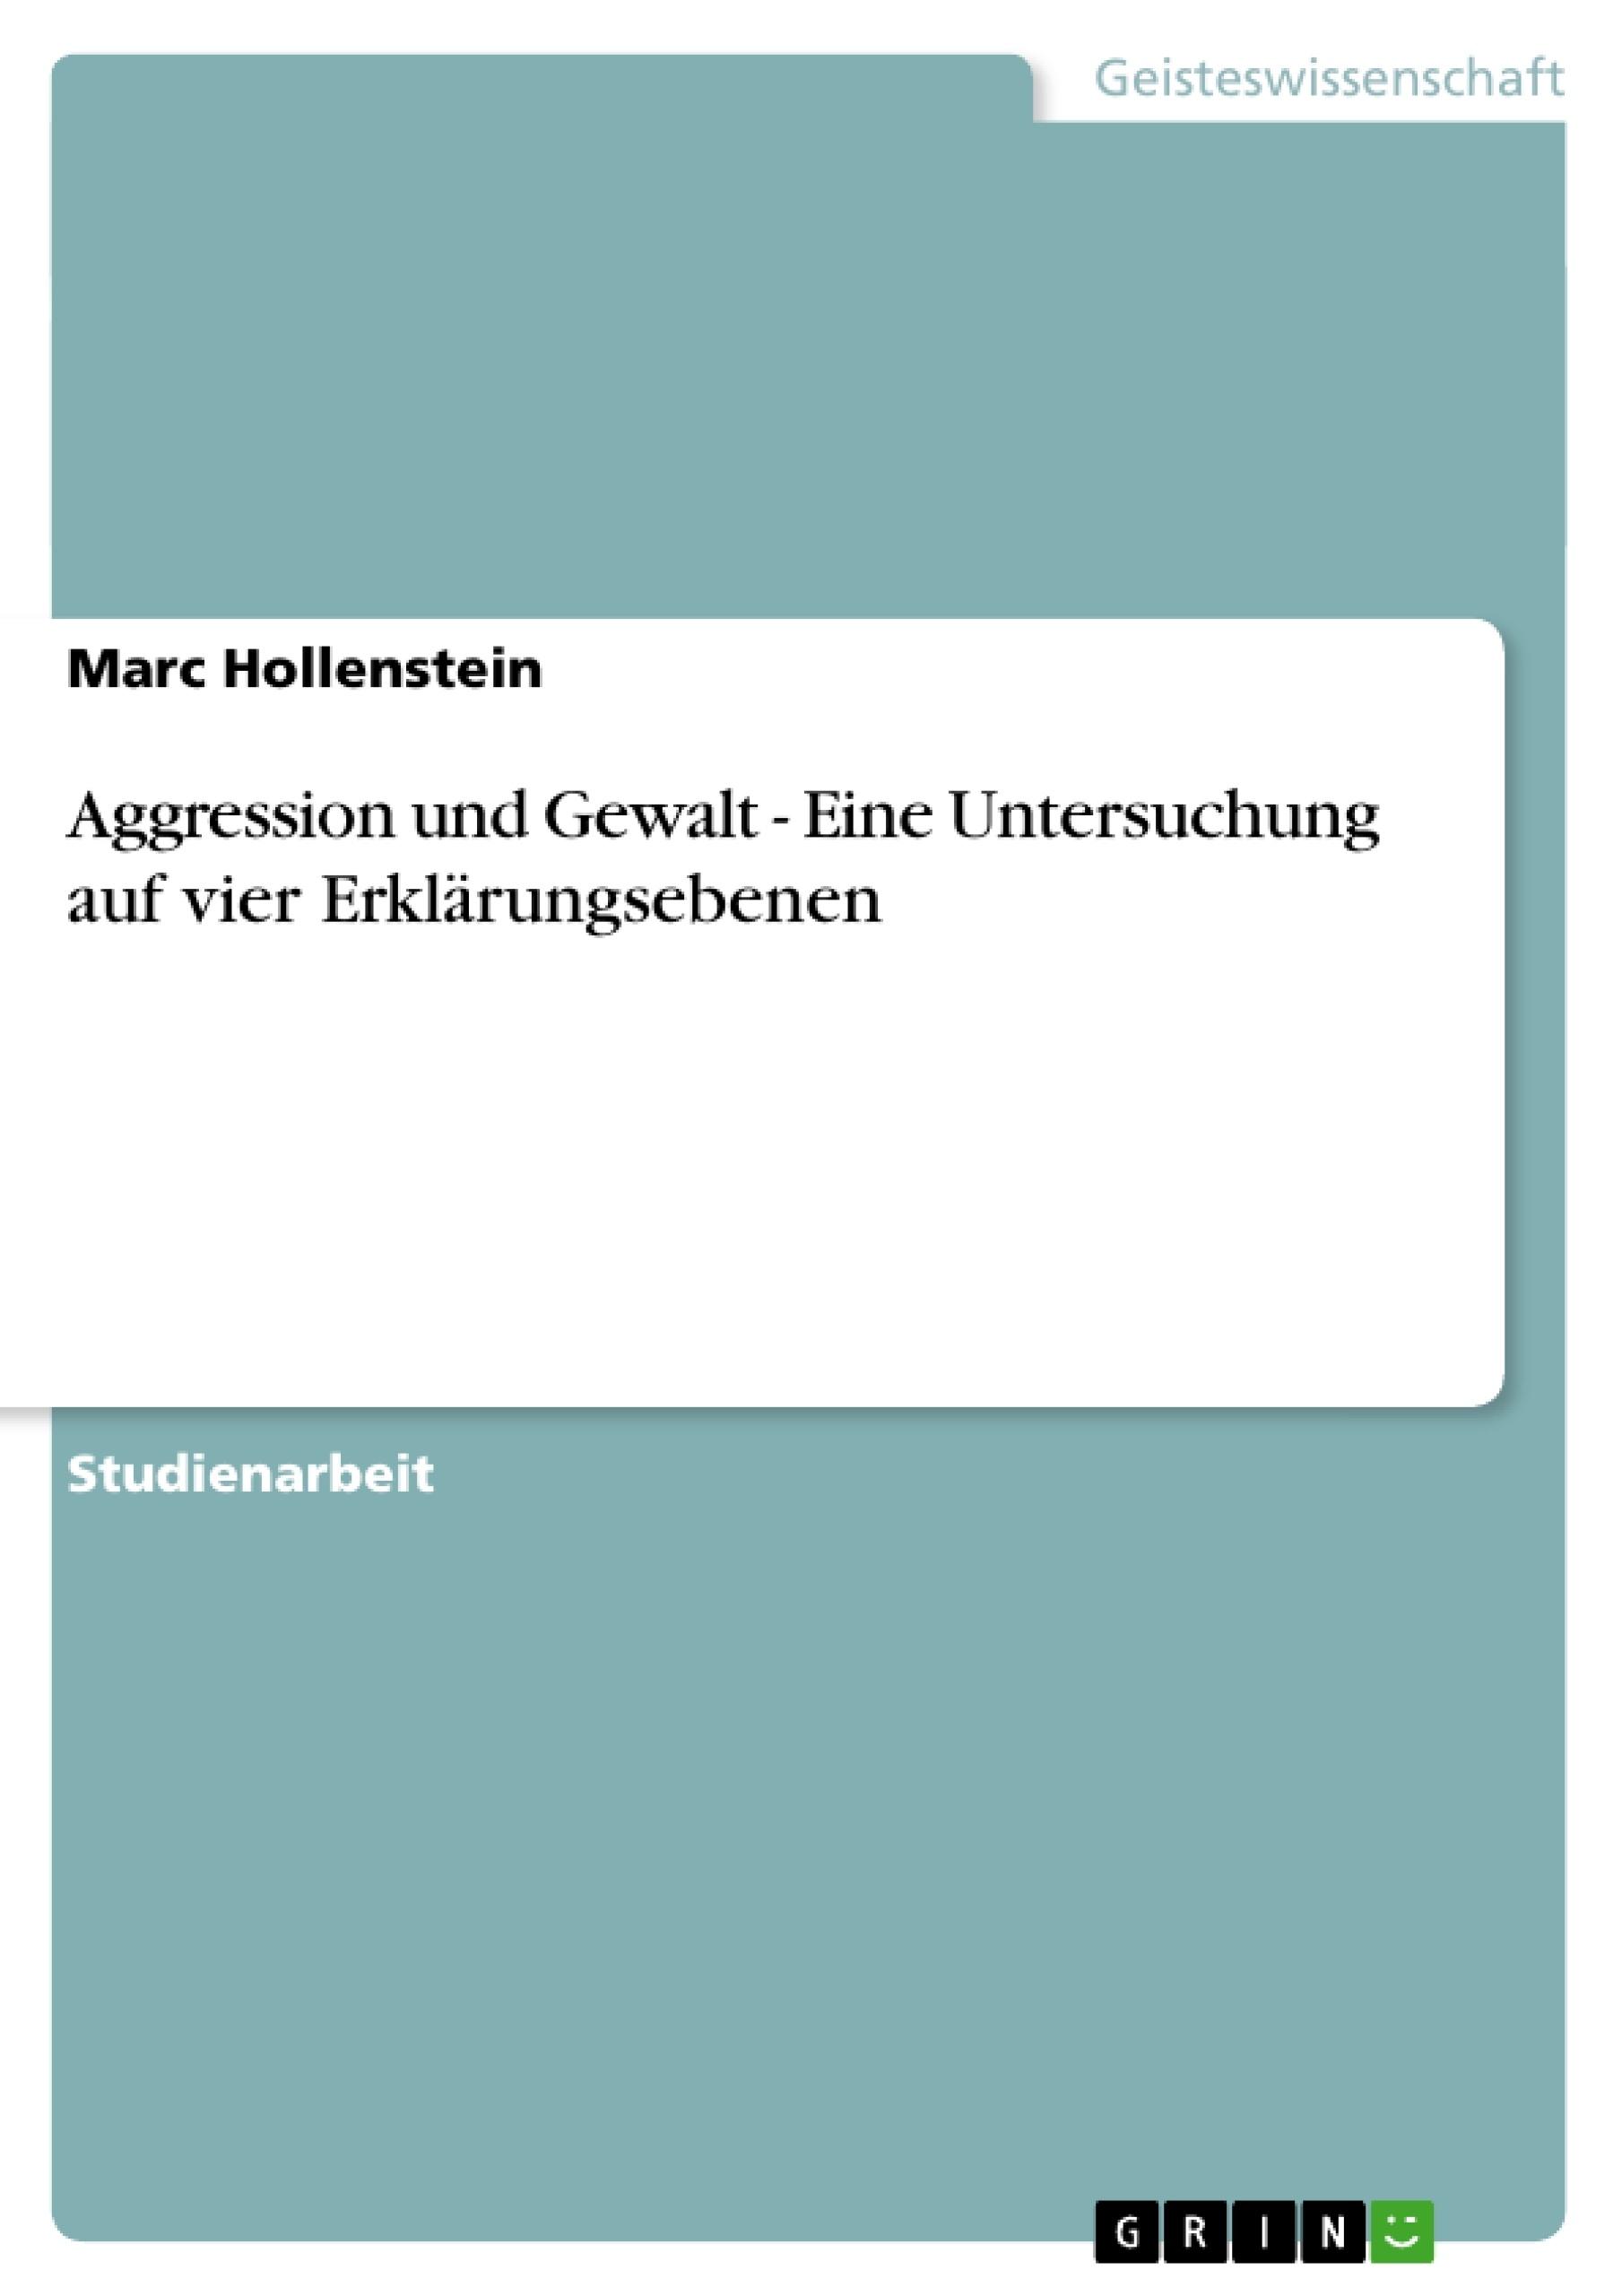 Titel: Aggression und Gewalt - Eine Untersuchung auf vier Erklärungsebenen